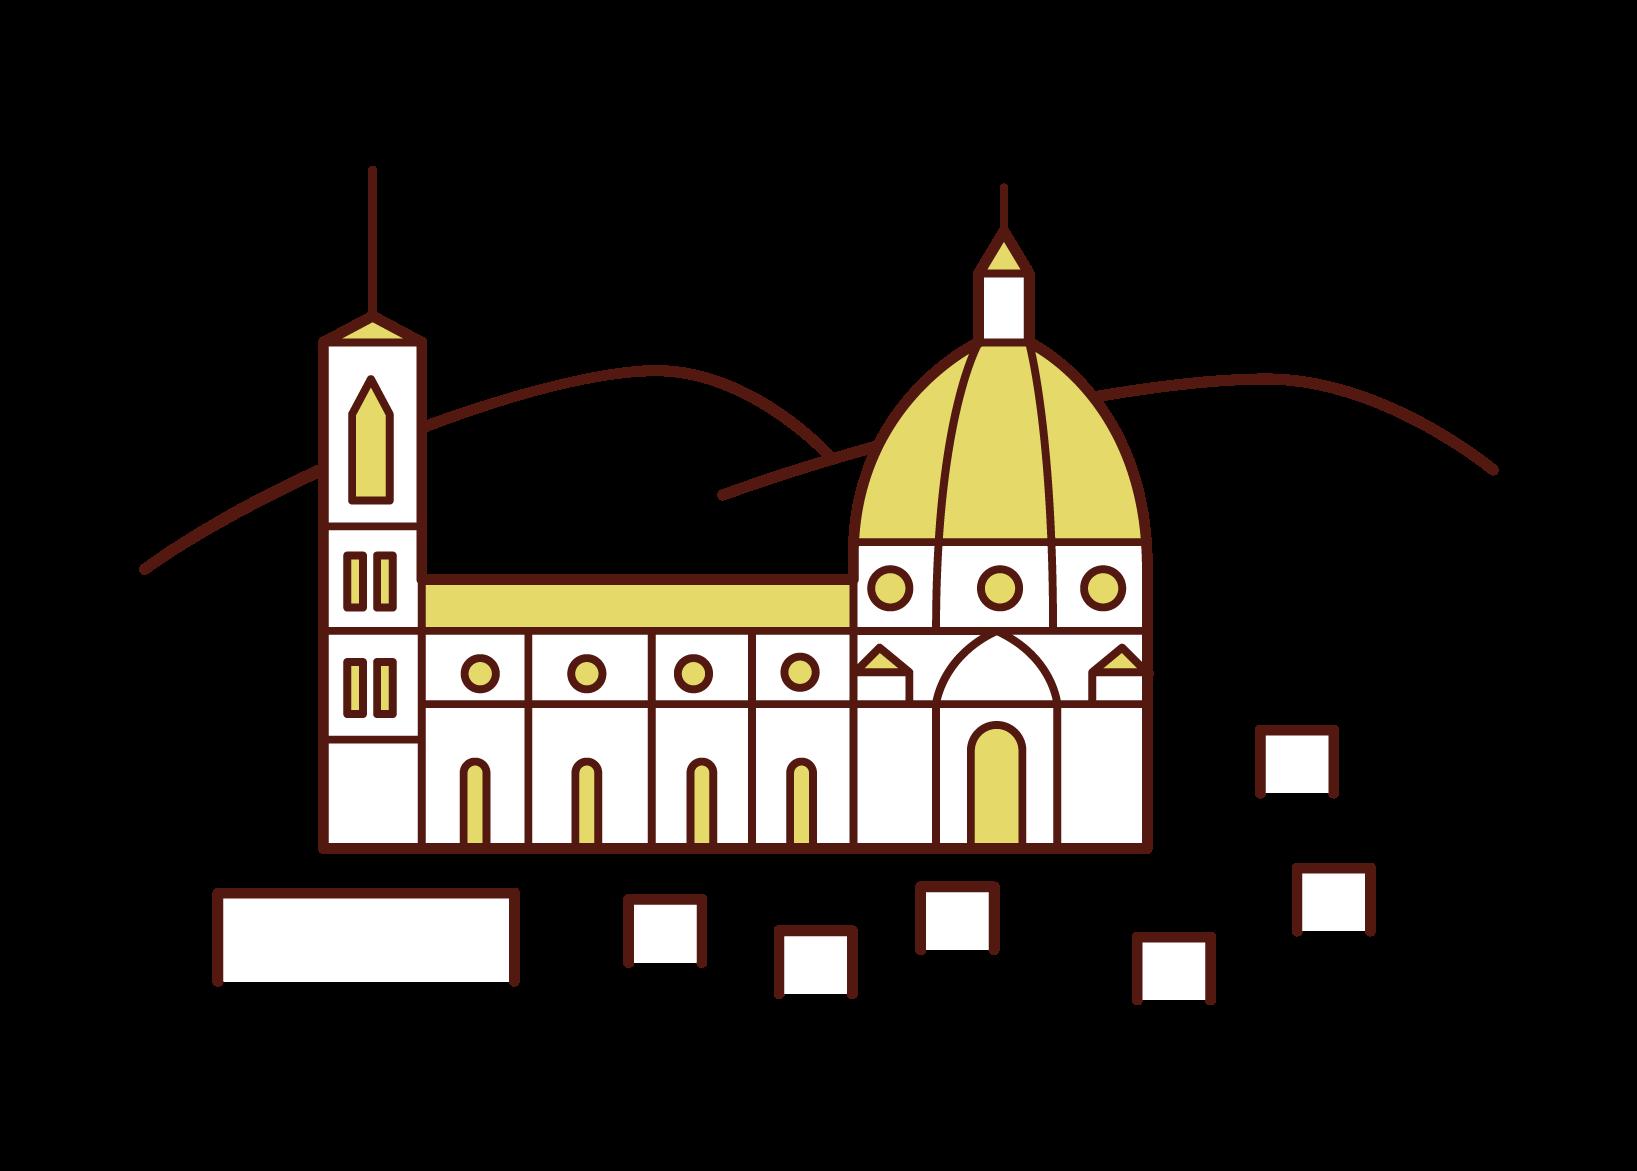 피렌체의 삽화